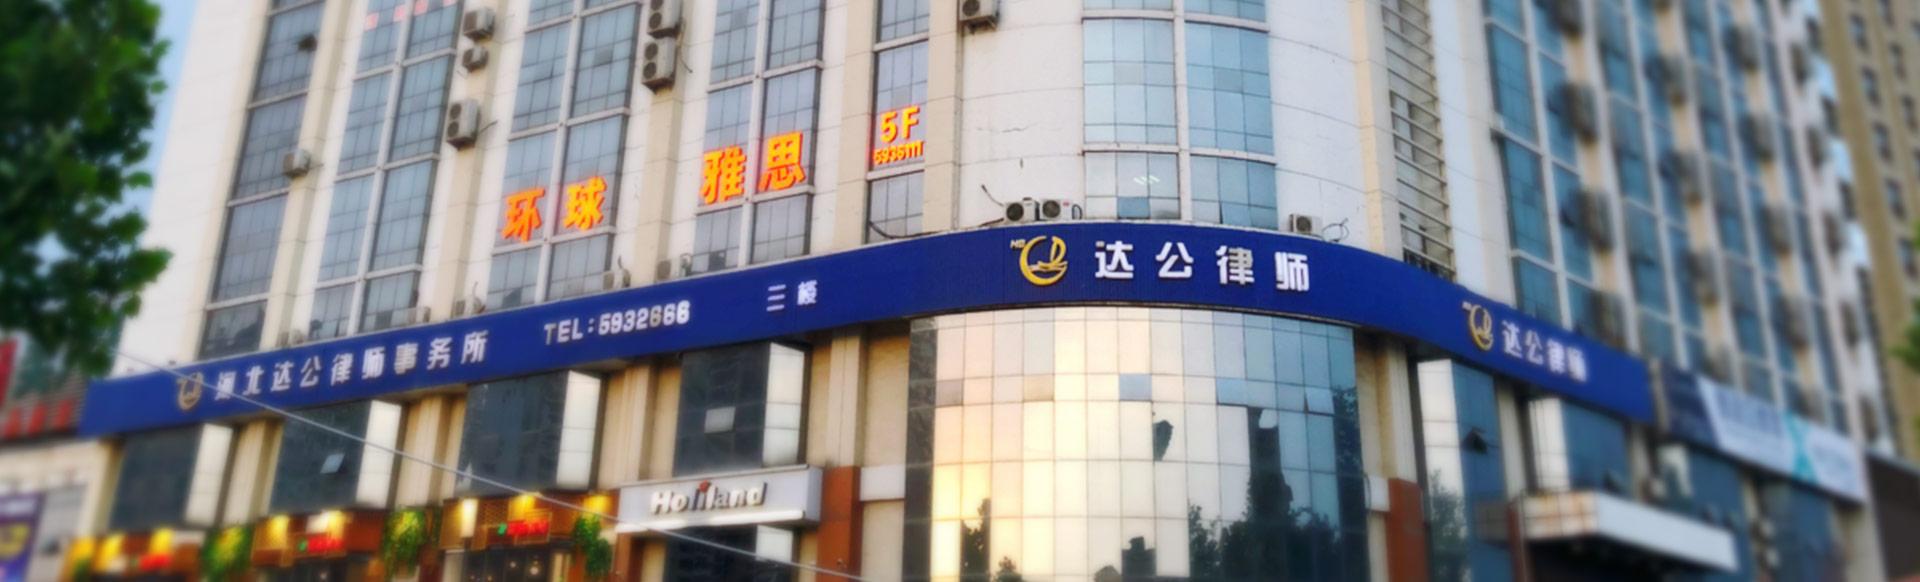 河北达公律师事务所